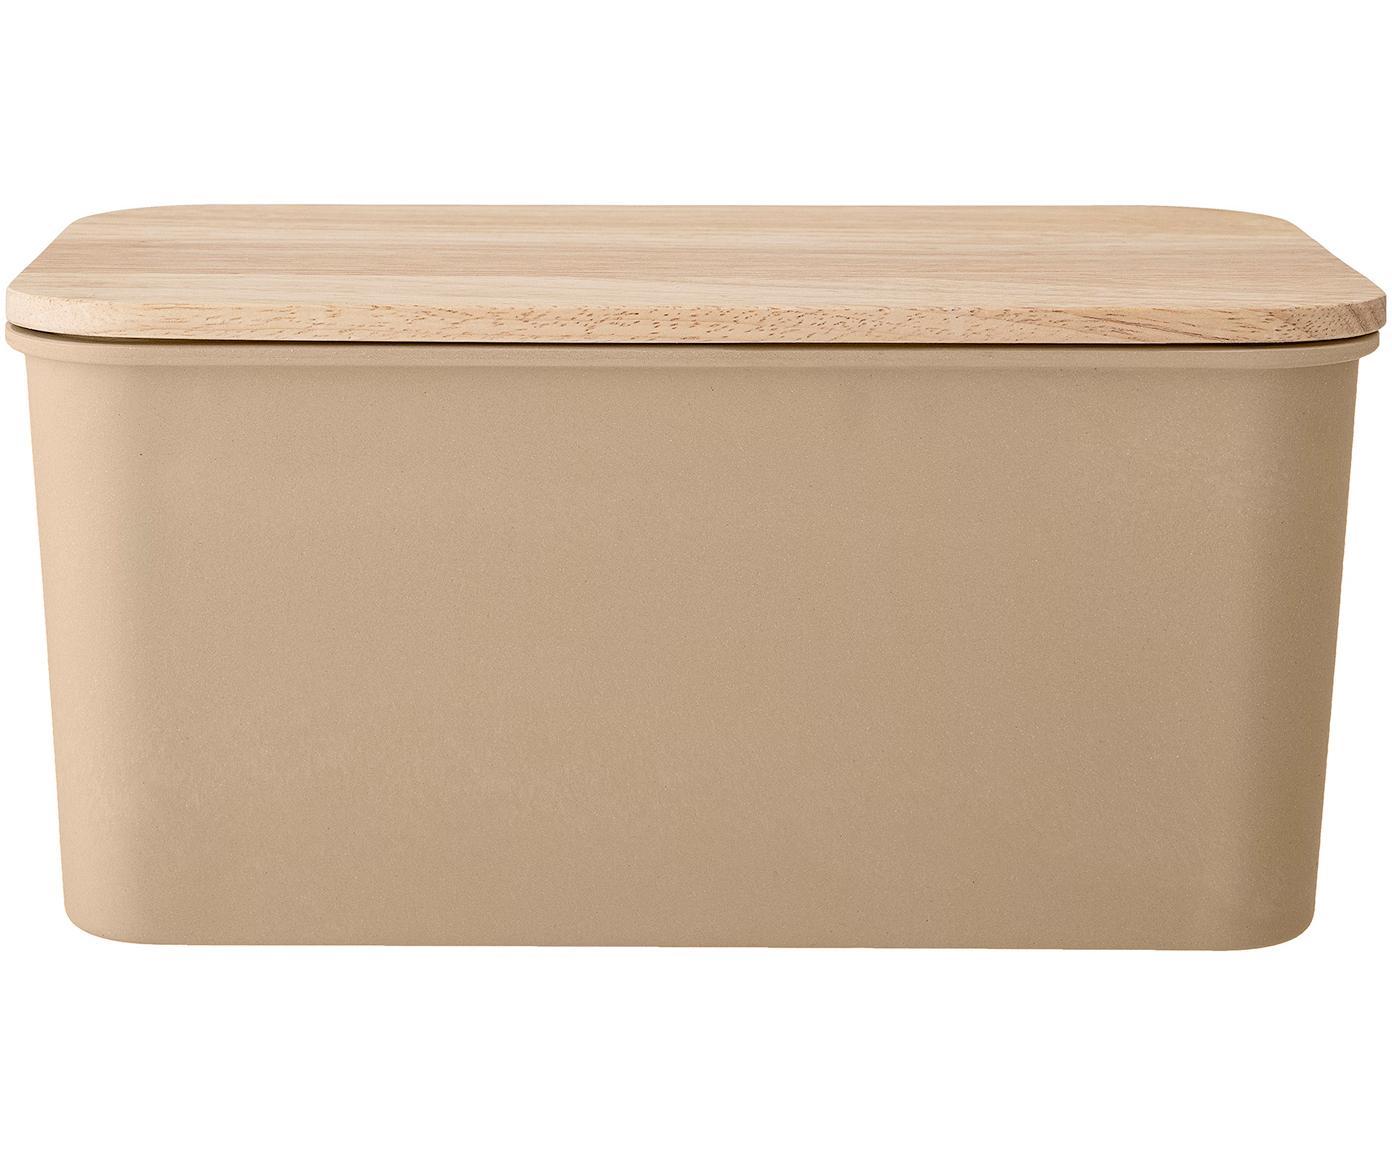 Brotkasten Java, Deckel: Gummibaumholz, Braun, 35 x 17 cm